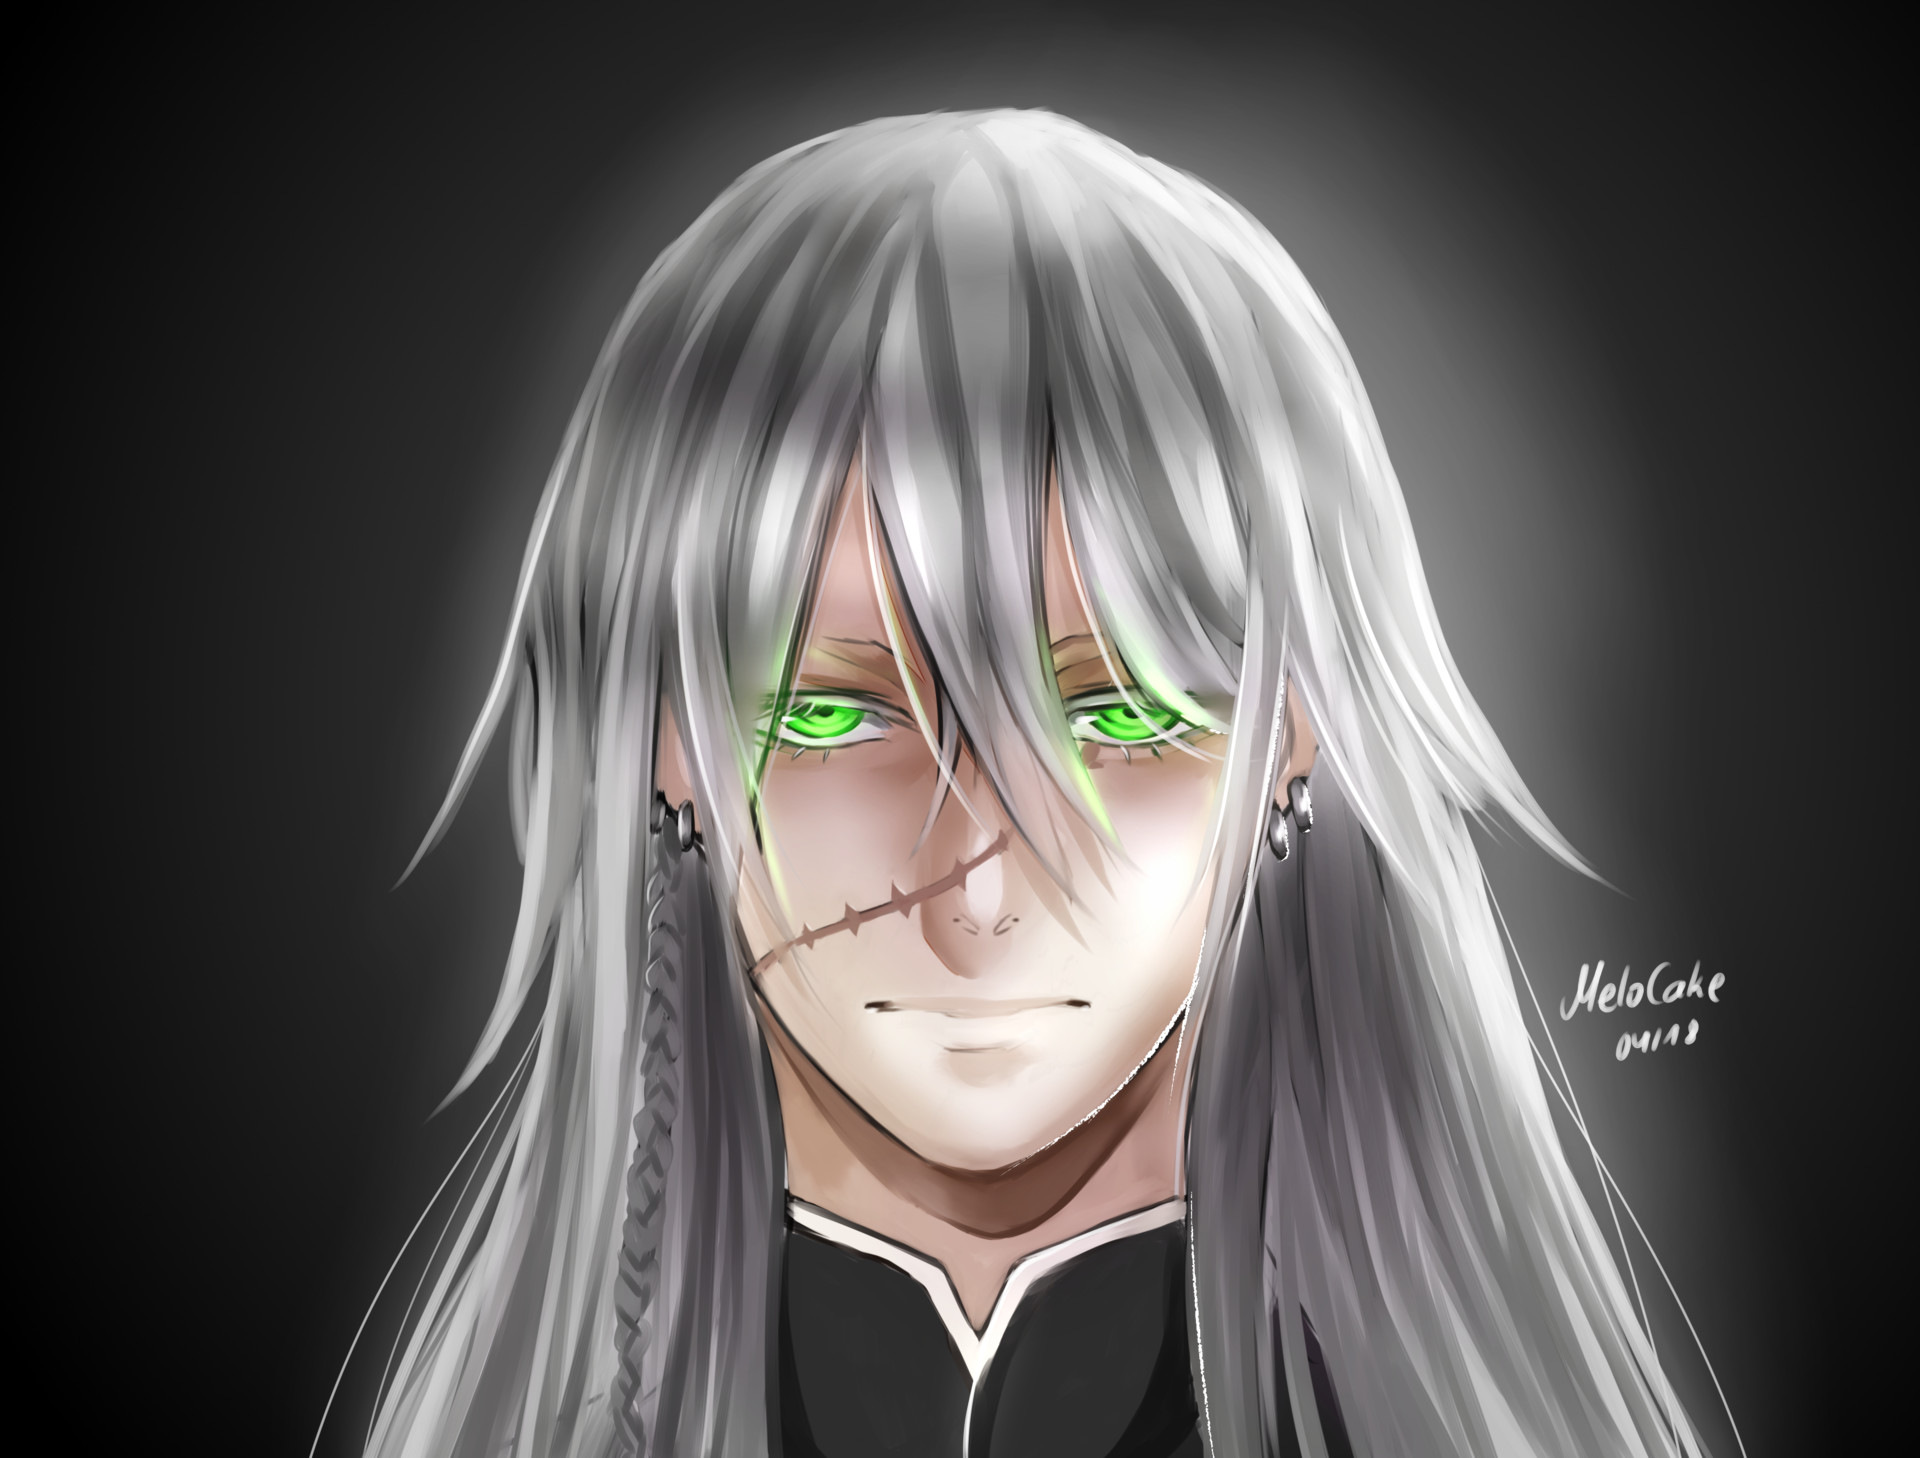 Undertaker From Black Butler